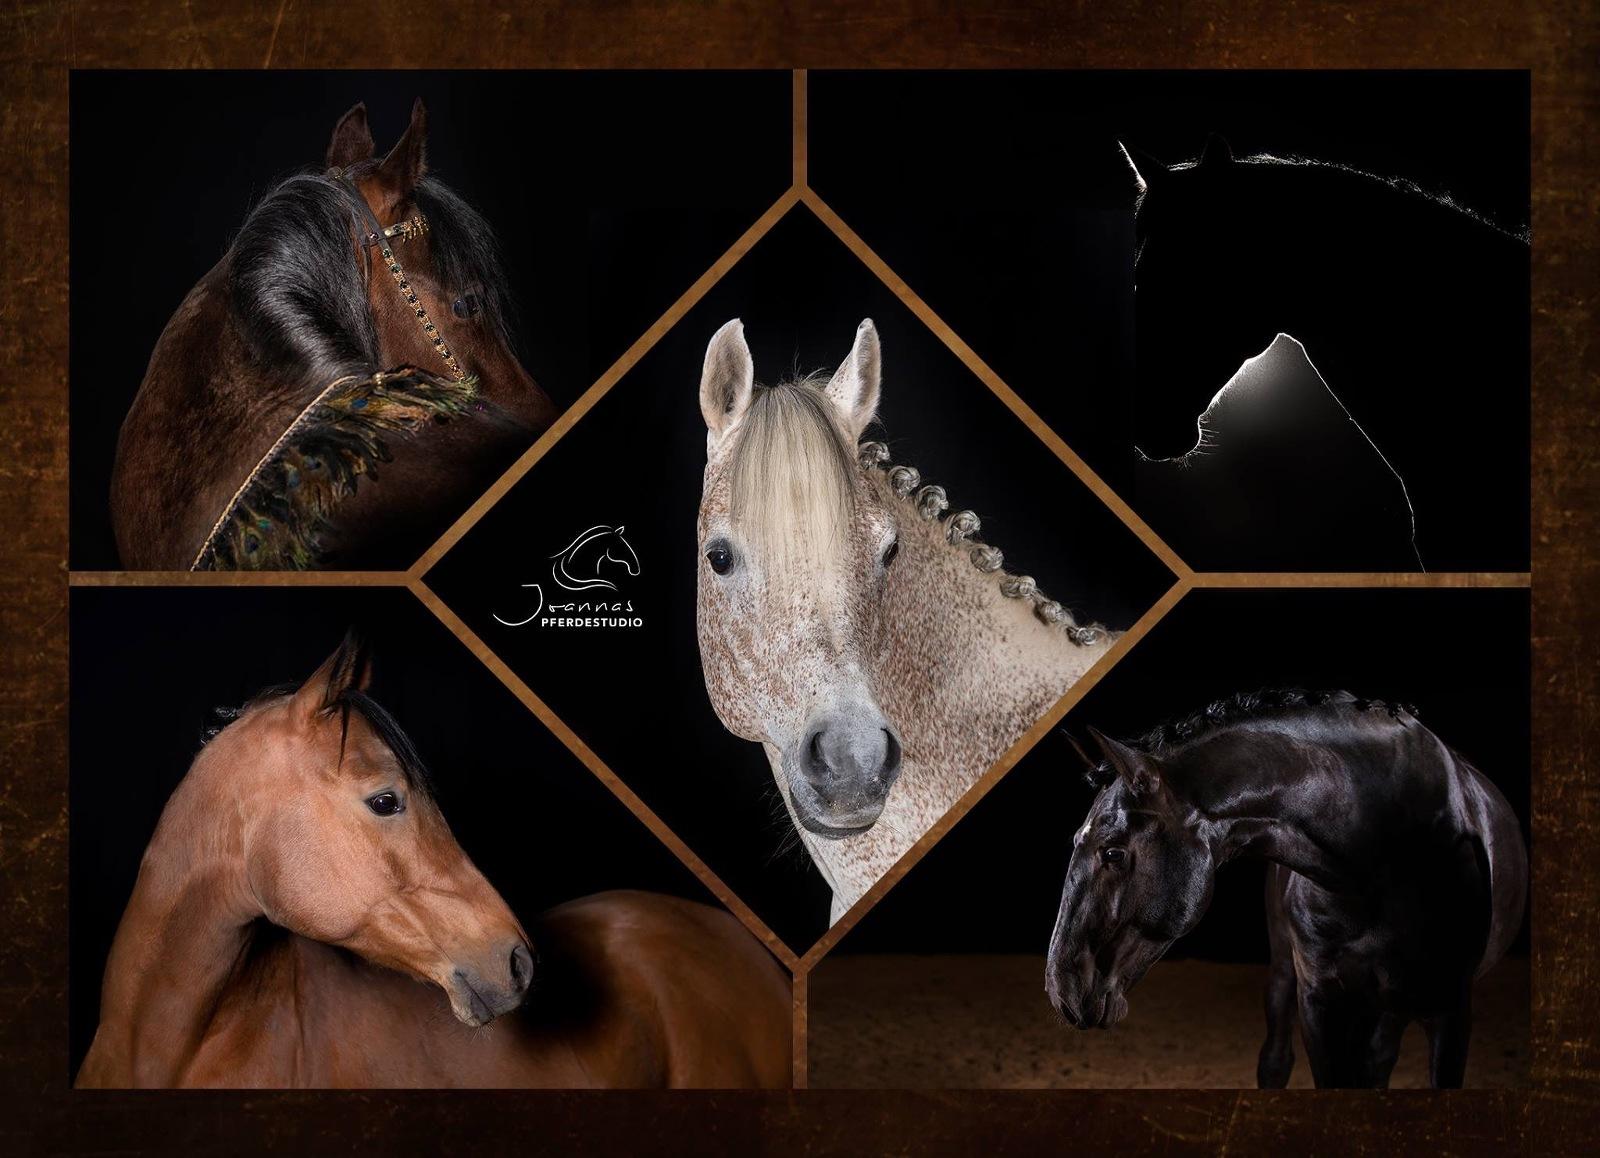 #joannaspferdestudio schwarzer Hintergrund Pferdefotografie im Fotostudio